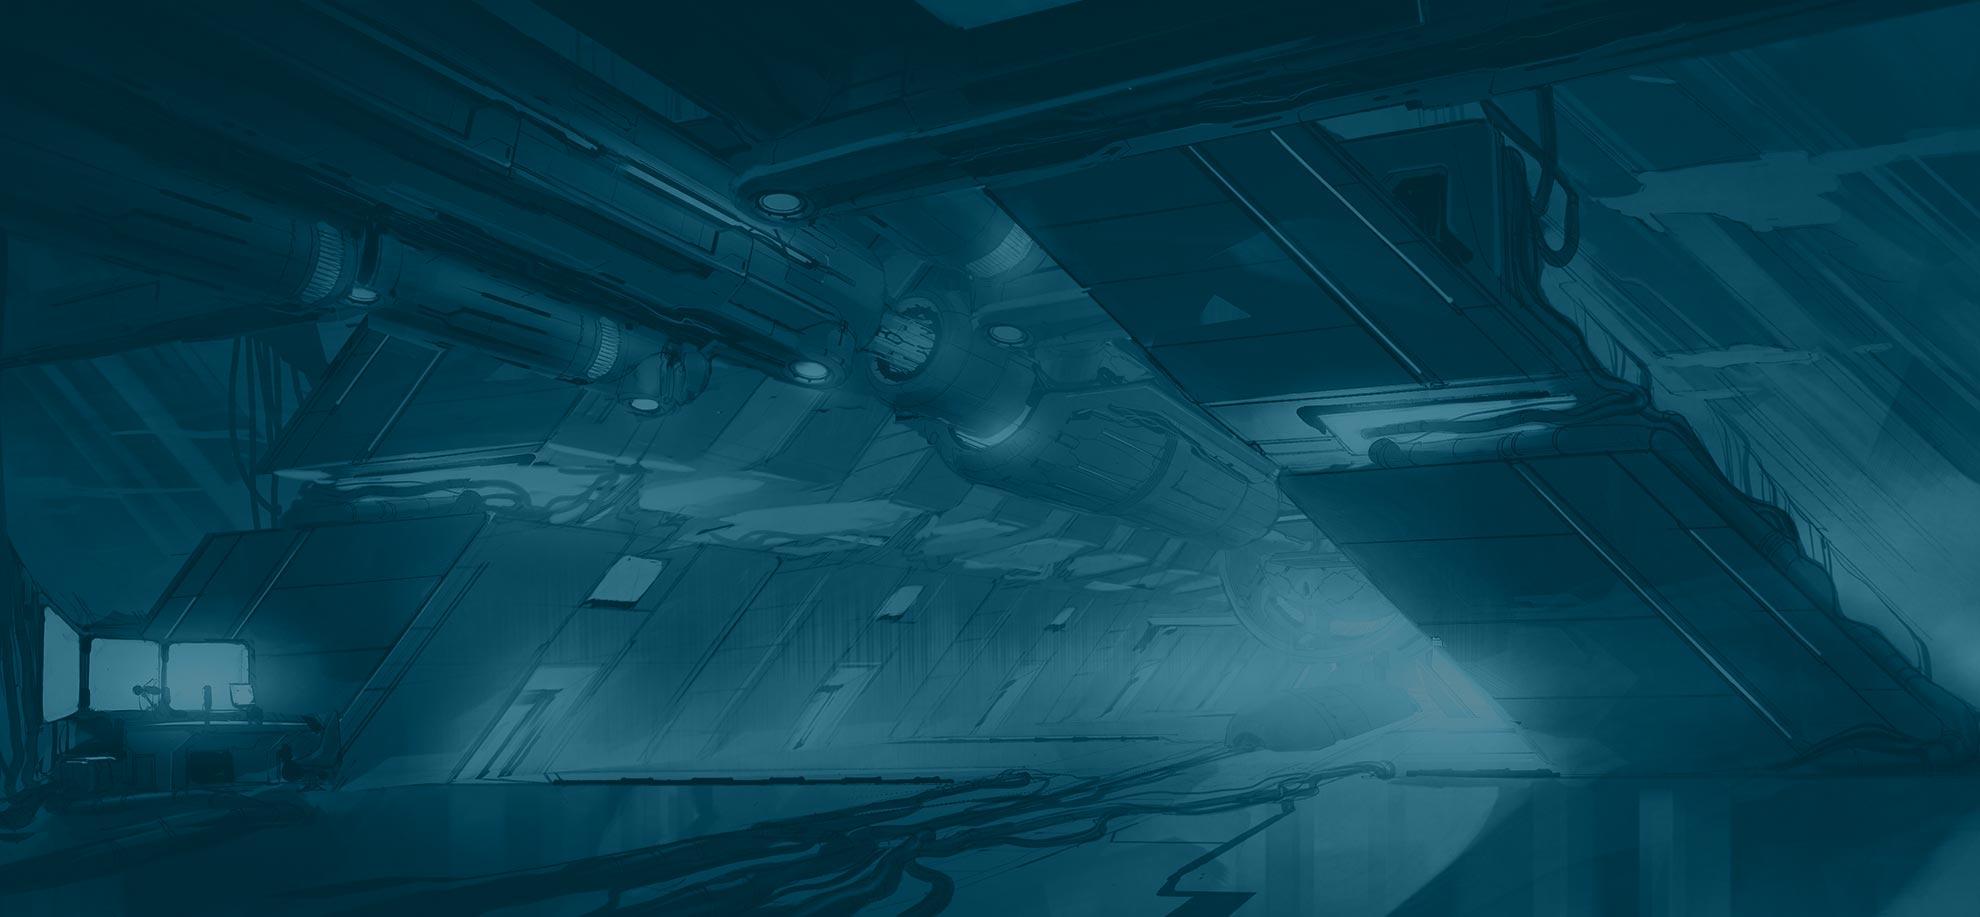 Firesprite Games background